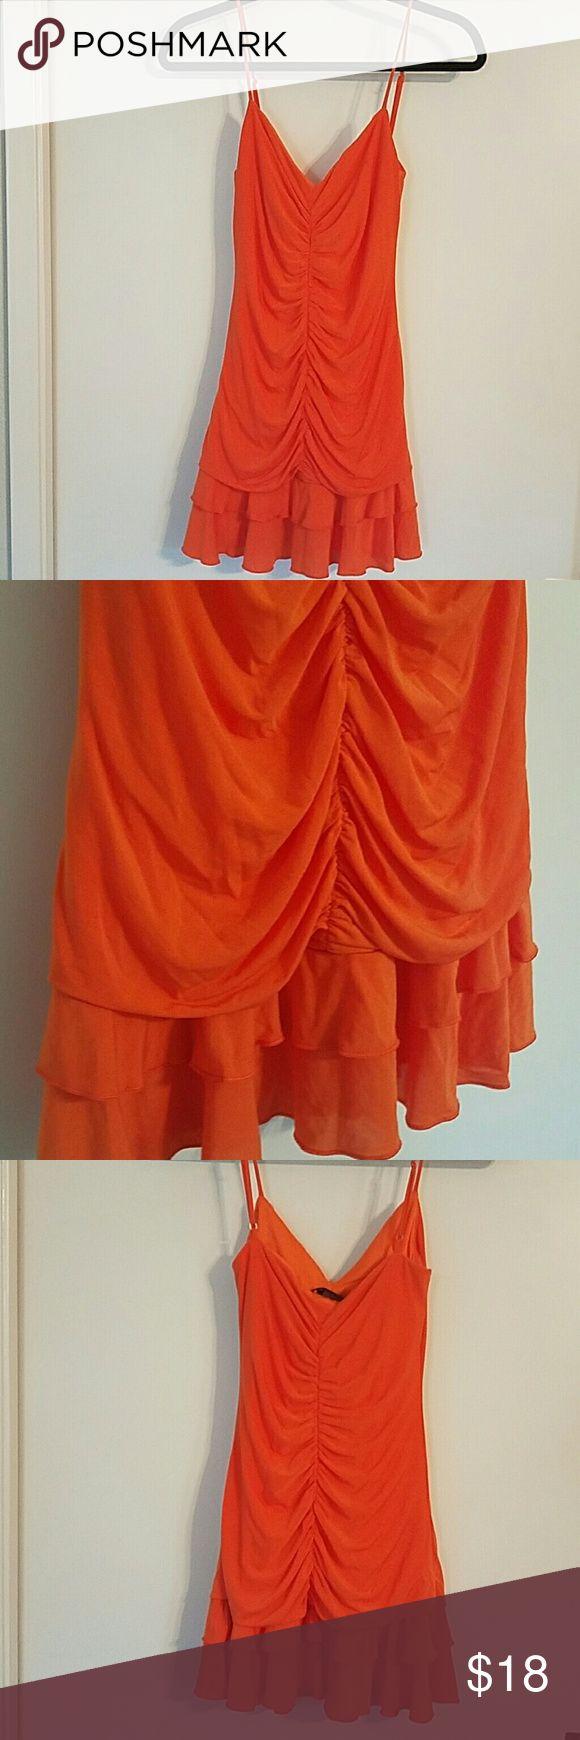 BCBG MAXAZRIA orange mini dress Perfect for a summer party!  EUC  Soft and comfortable BCBGMaxAzria Dresses Mini